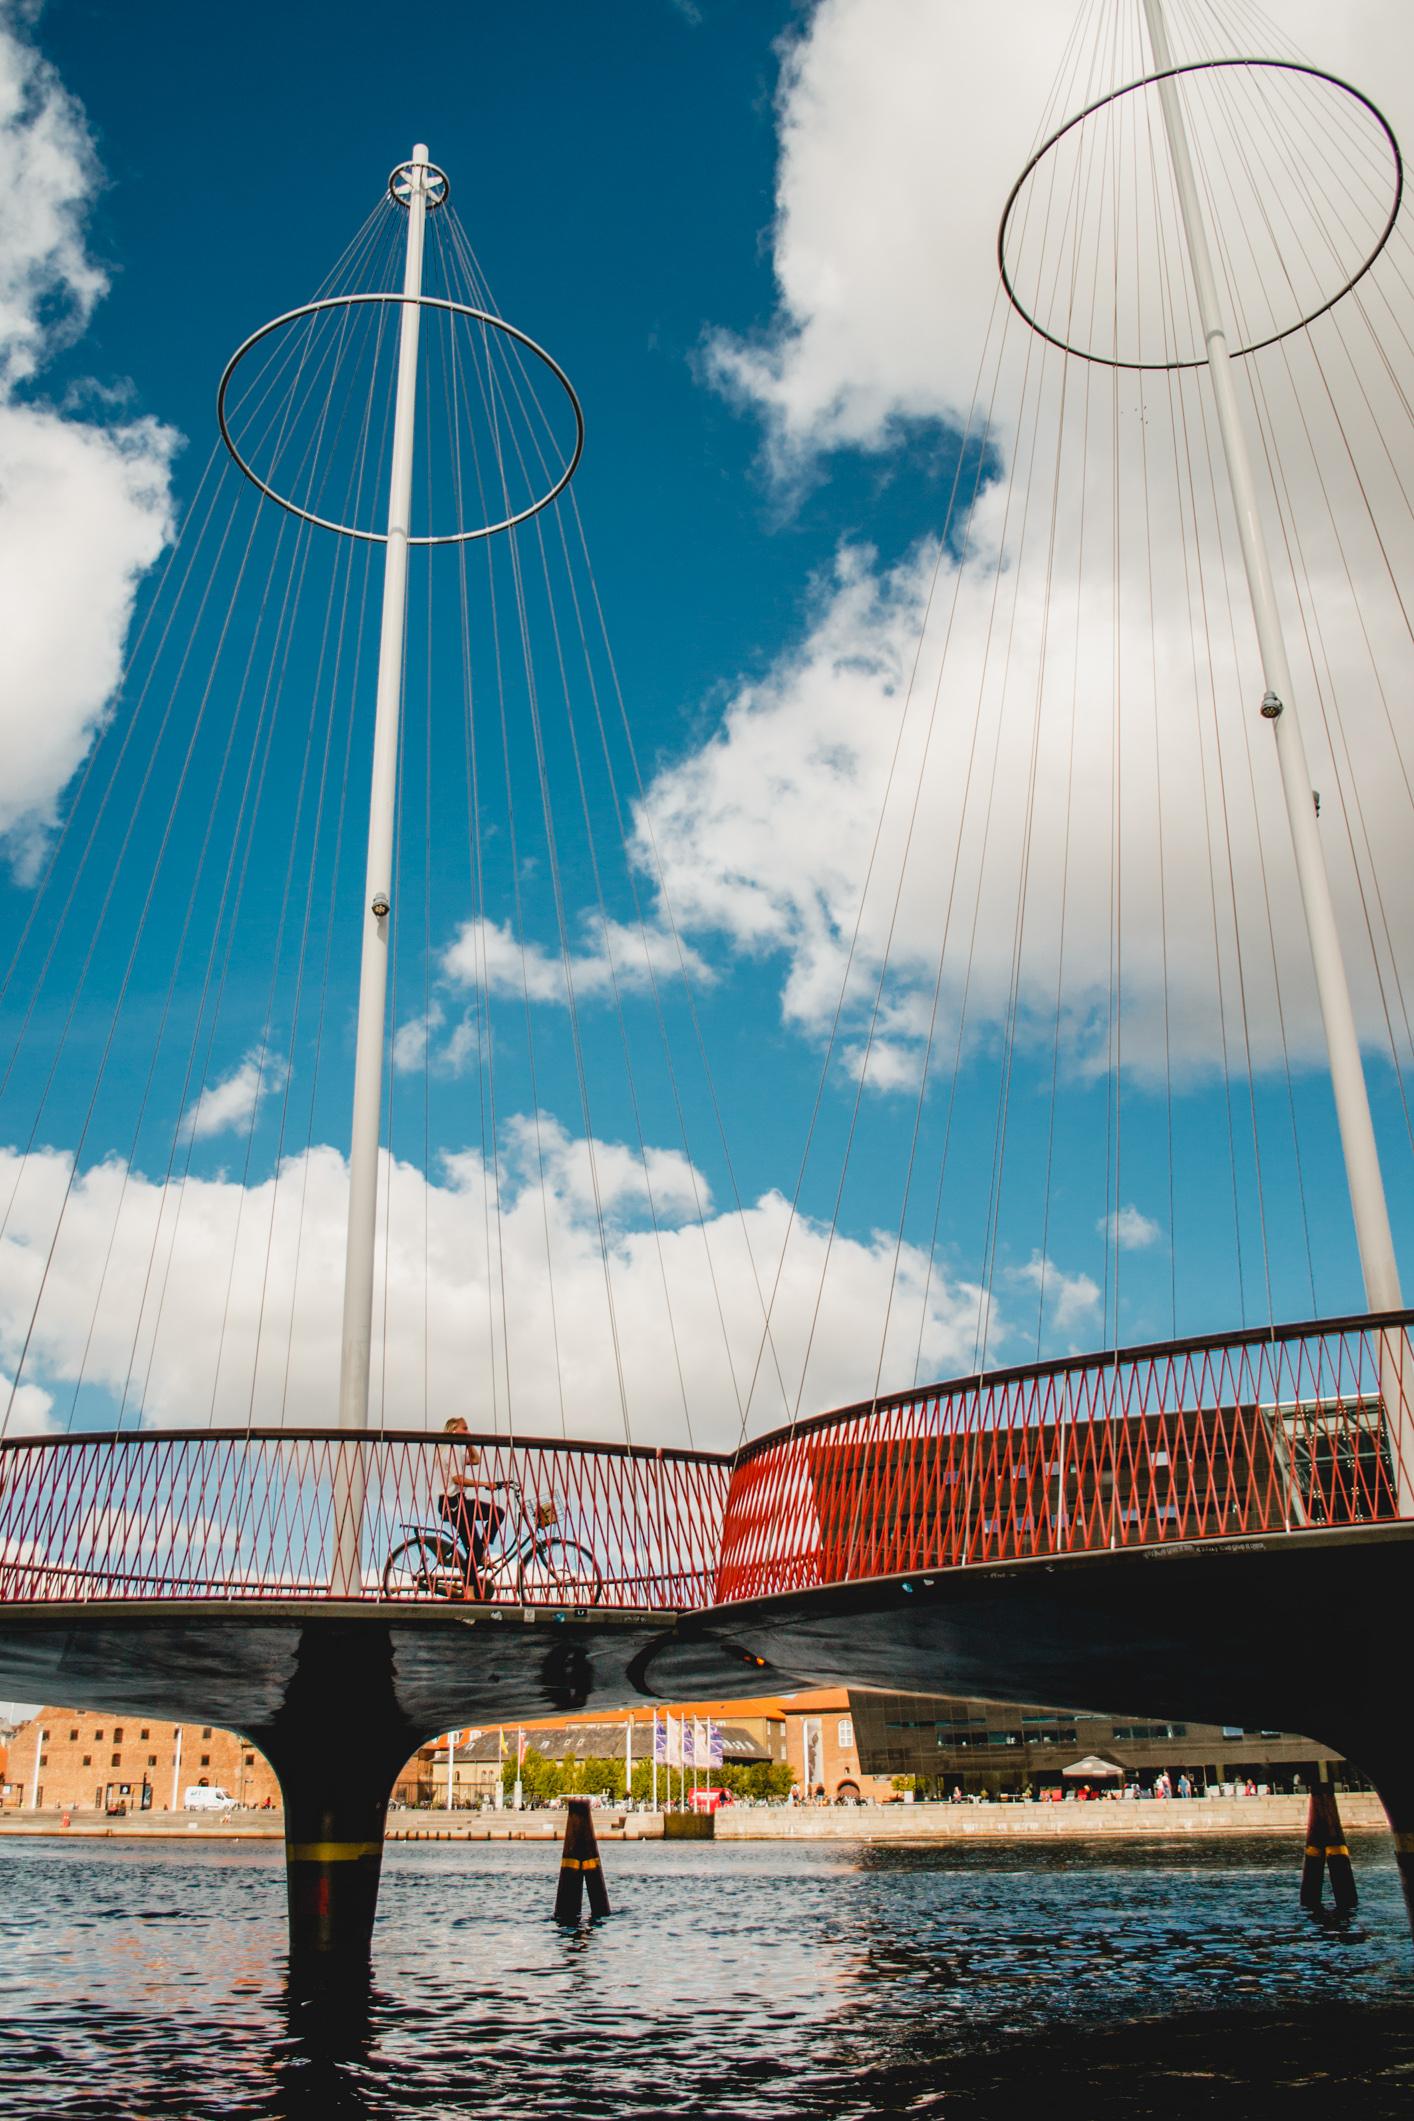 olapi-creative-travel-guide-copenhagen-pedestrian-bridge